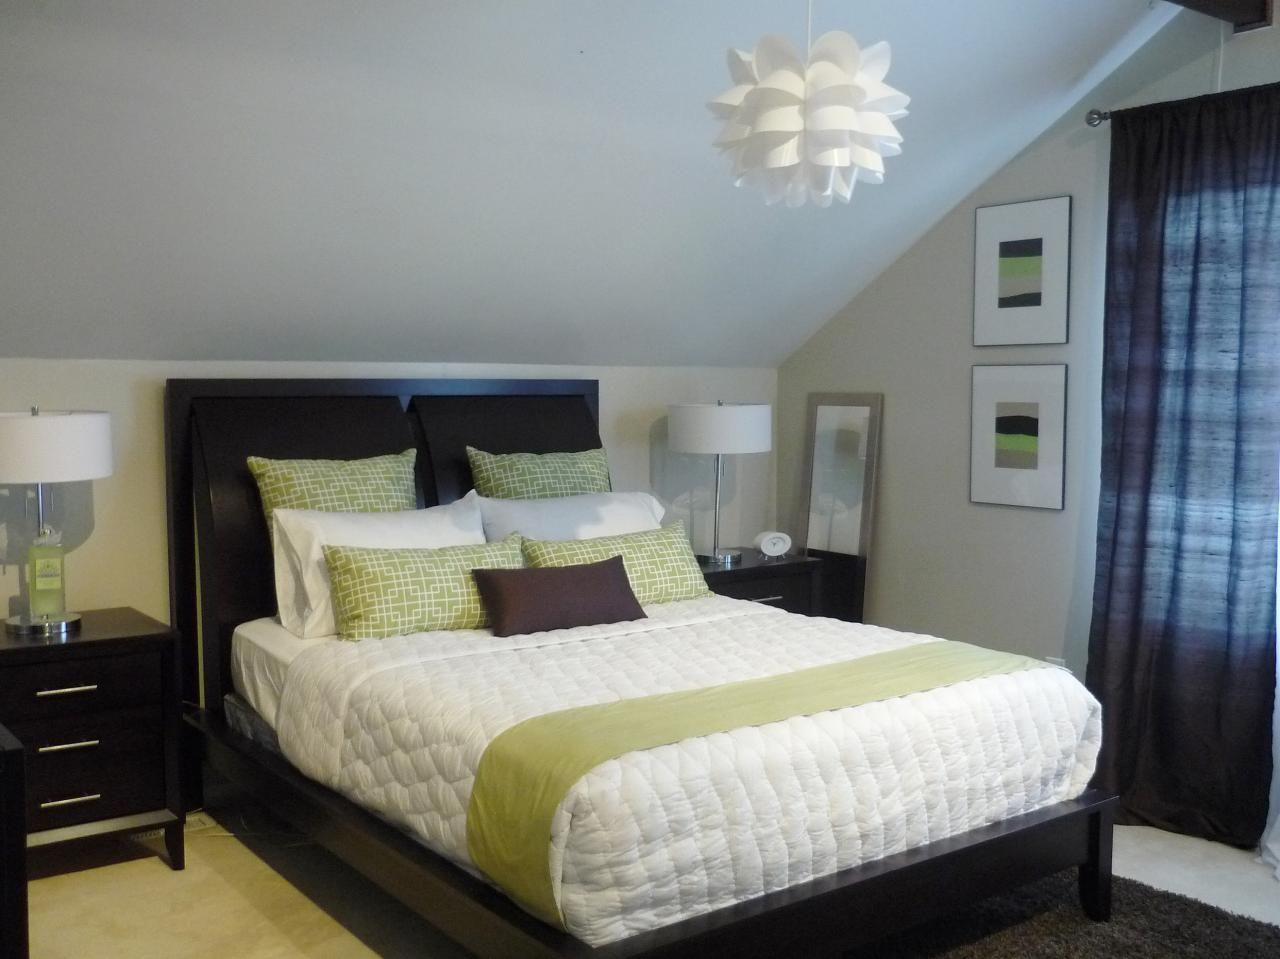 45 exemples de tête de lit originale en styles différents | Tête de ...